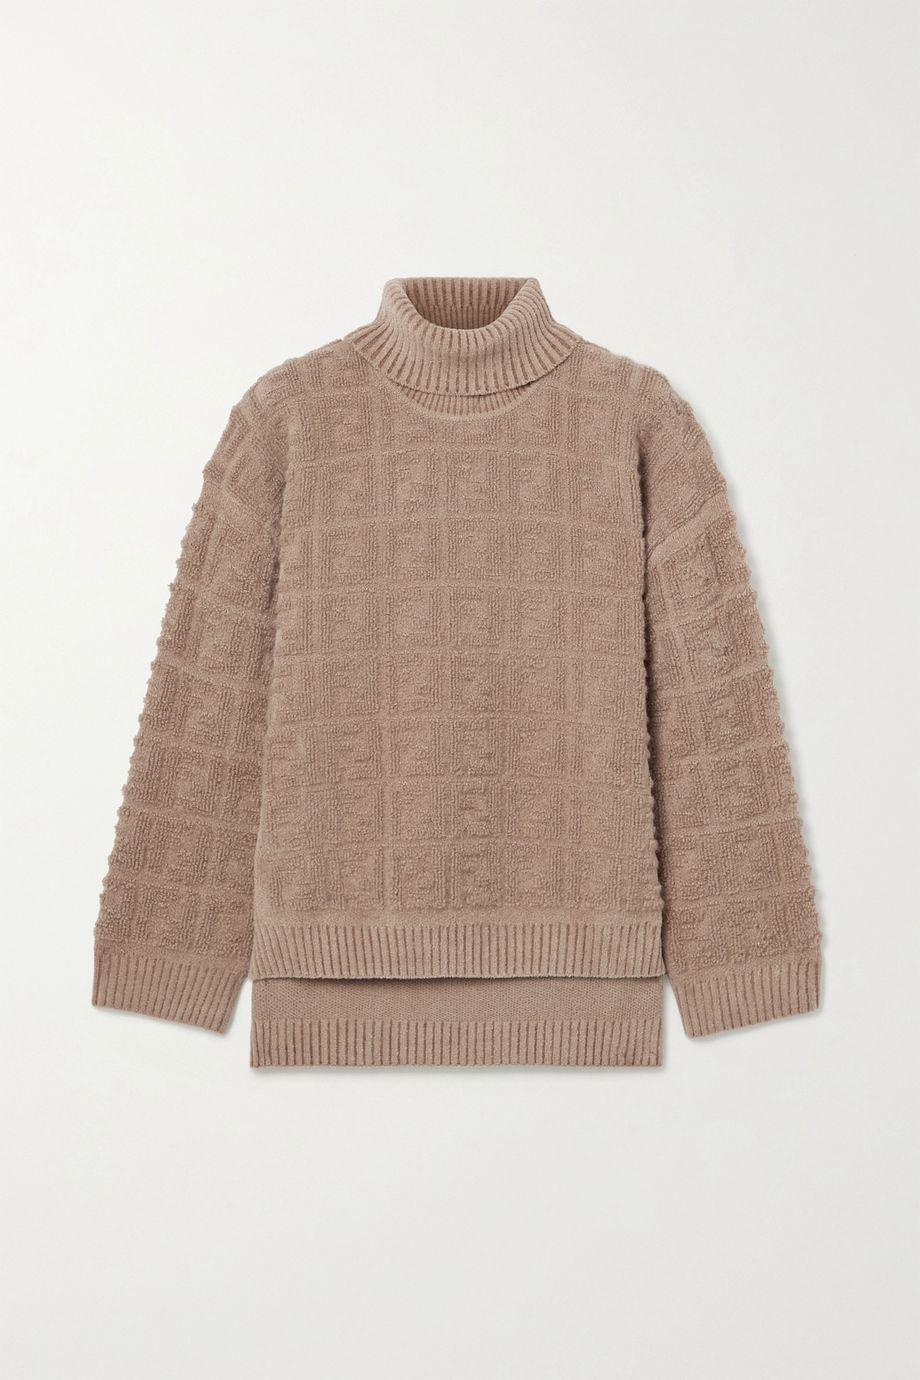 Fendi Oversized bouclé turtleneck sweater